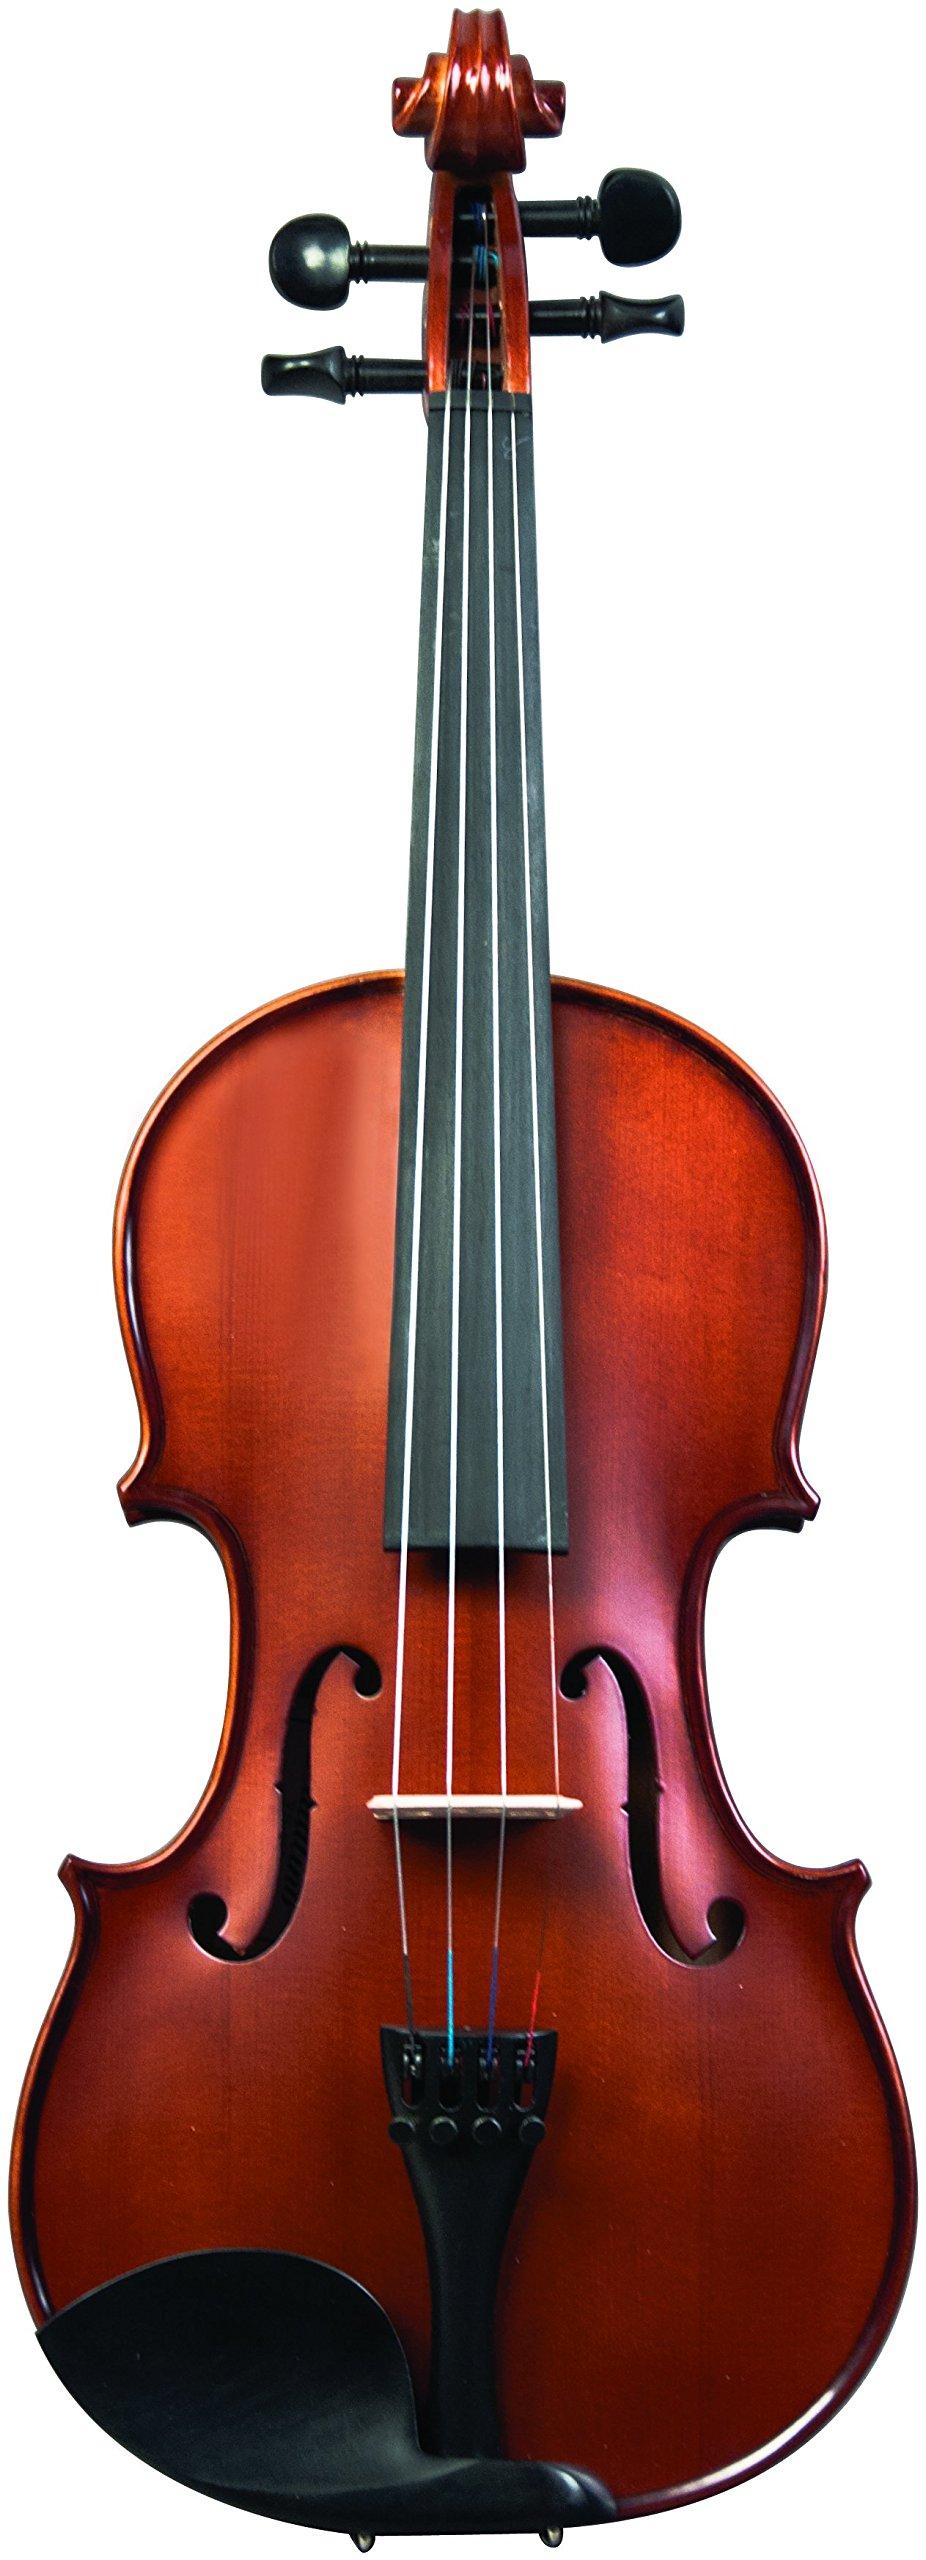 Palatino, 4-String Violin (VN-500)